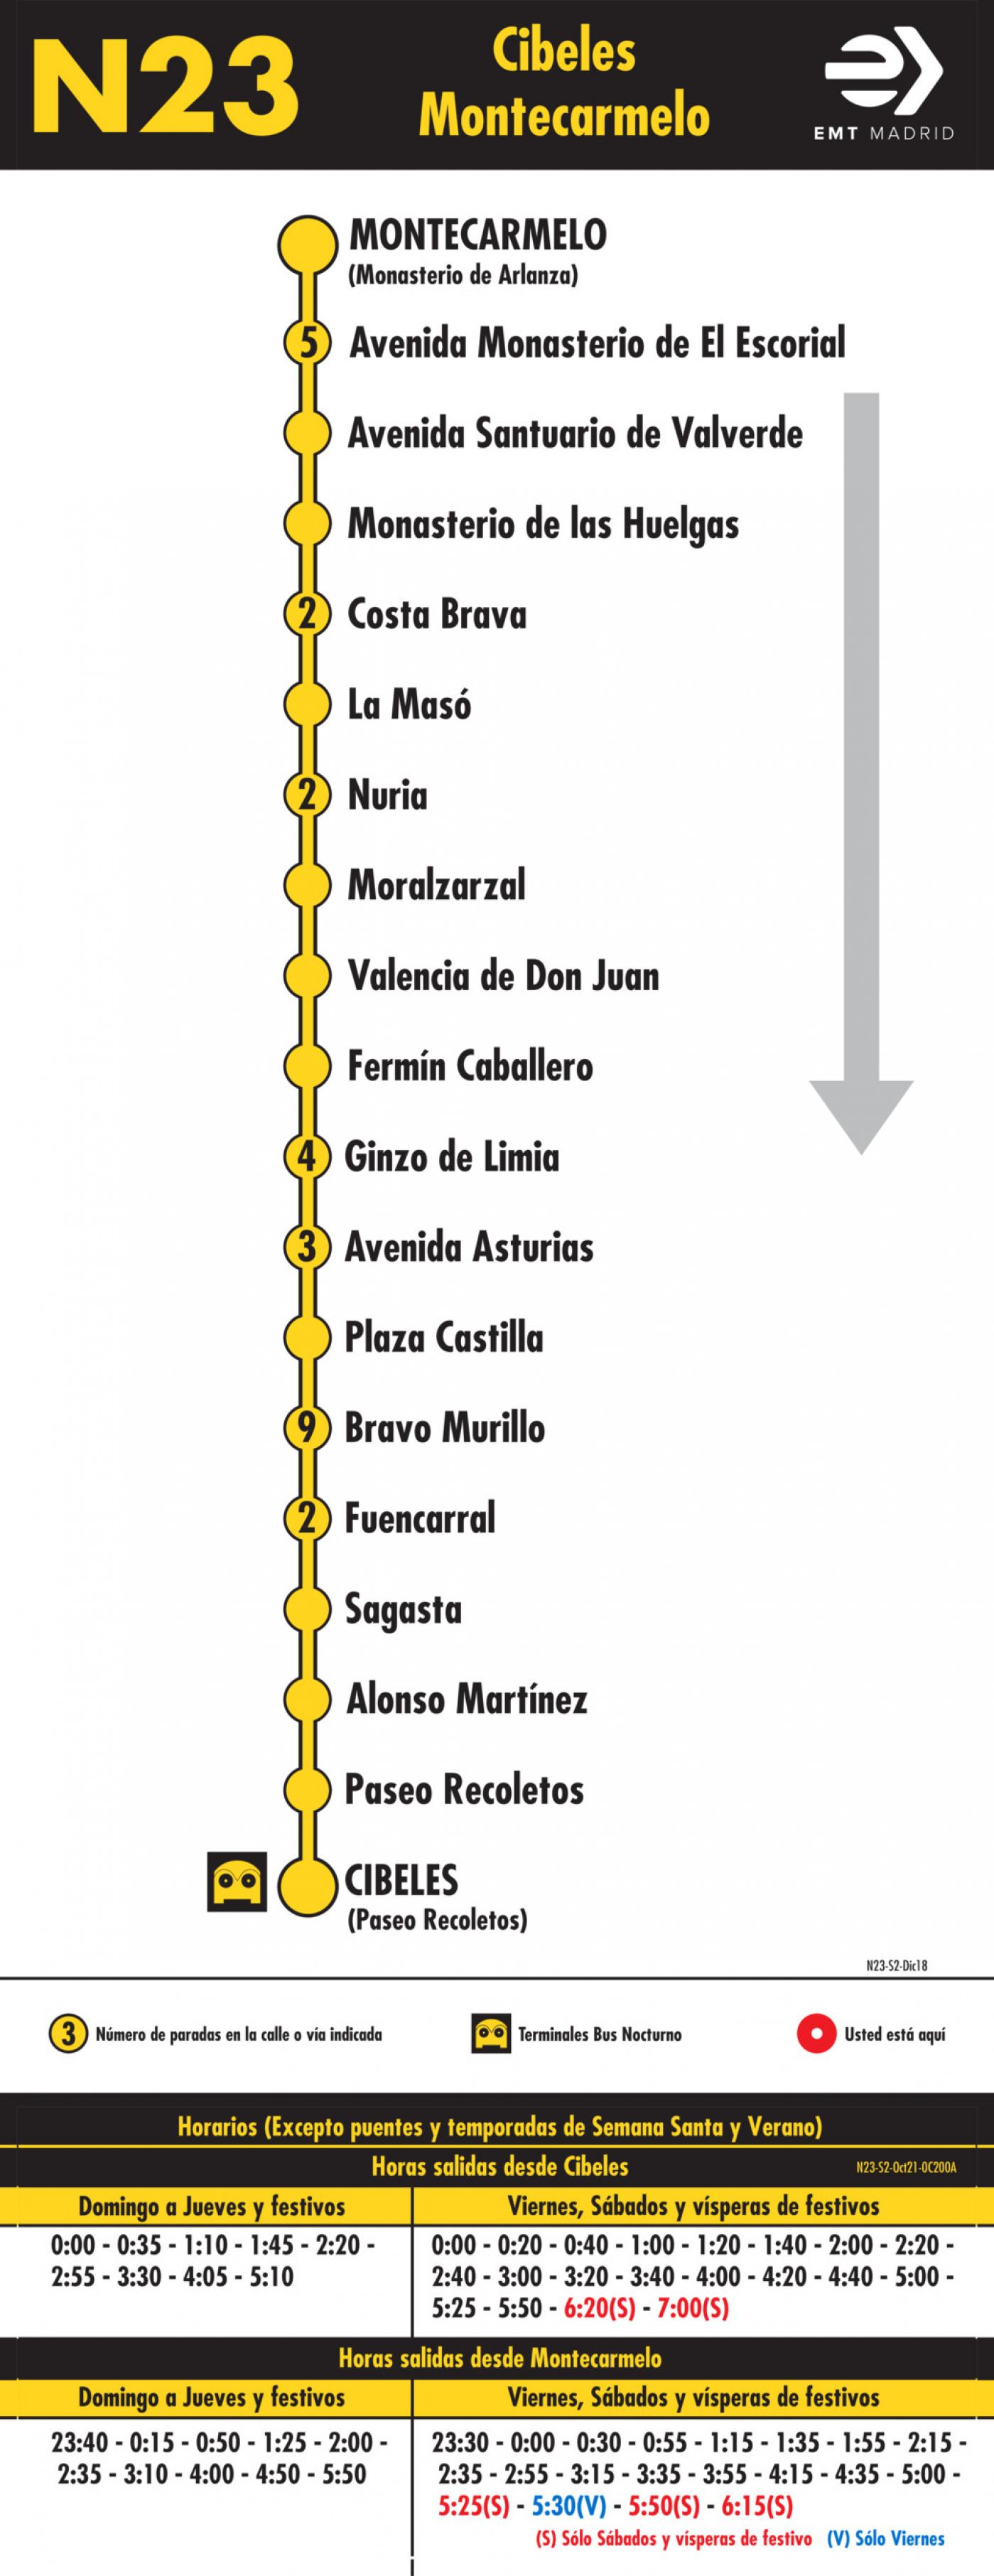 Tabla de horarios y frecuencias de paso en sentido vuelta Línea N23: Plaza de Cibeles - Montecarmelo (búho)